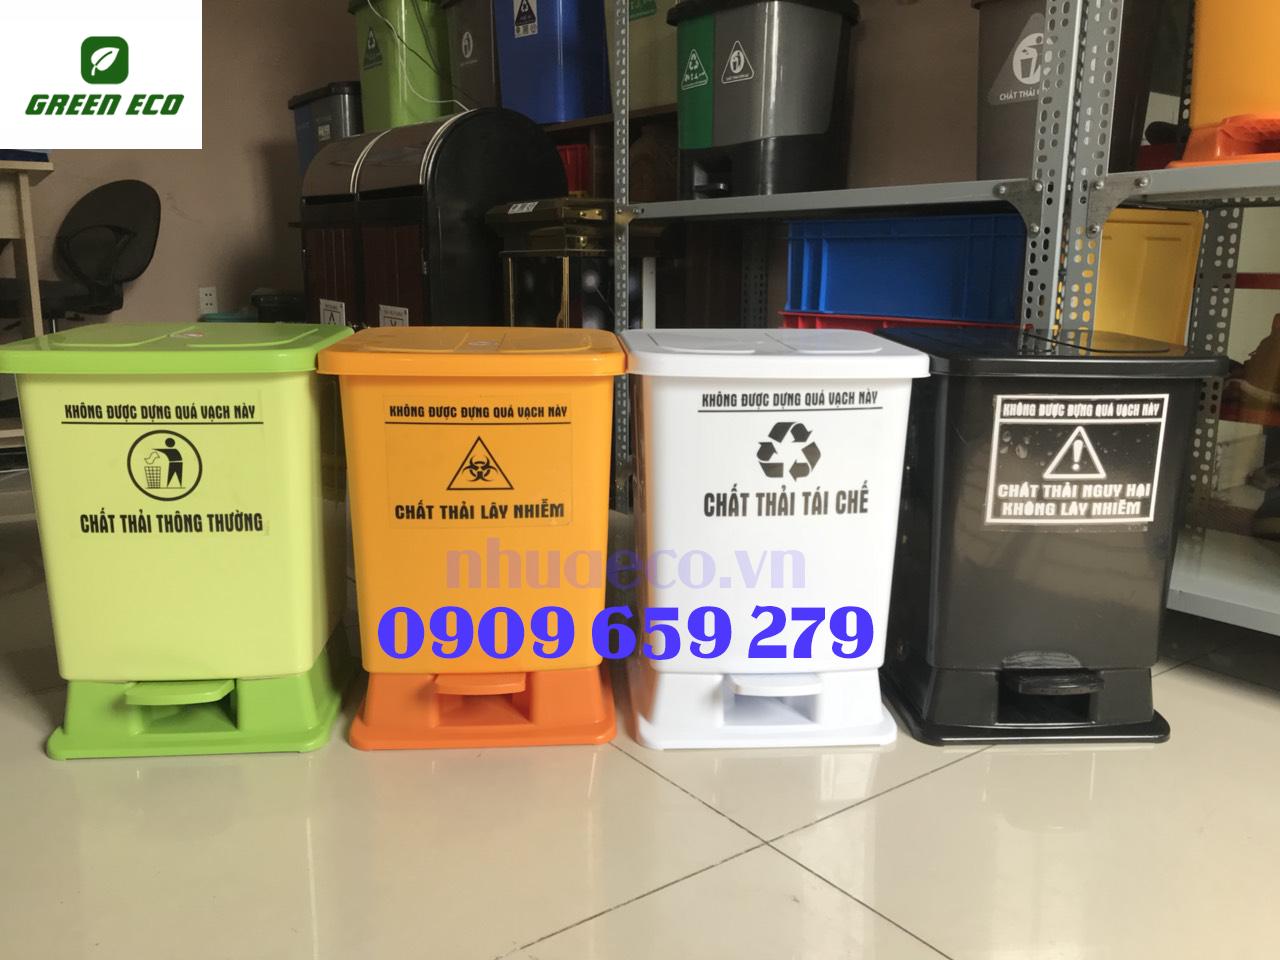 Thùng rác y tế đạp chân 30 Lít Composite GreenEco - TRYT186 (Ảnh 2)